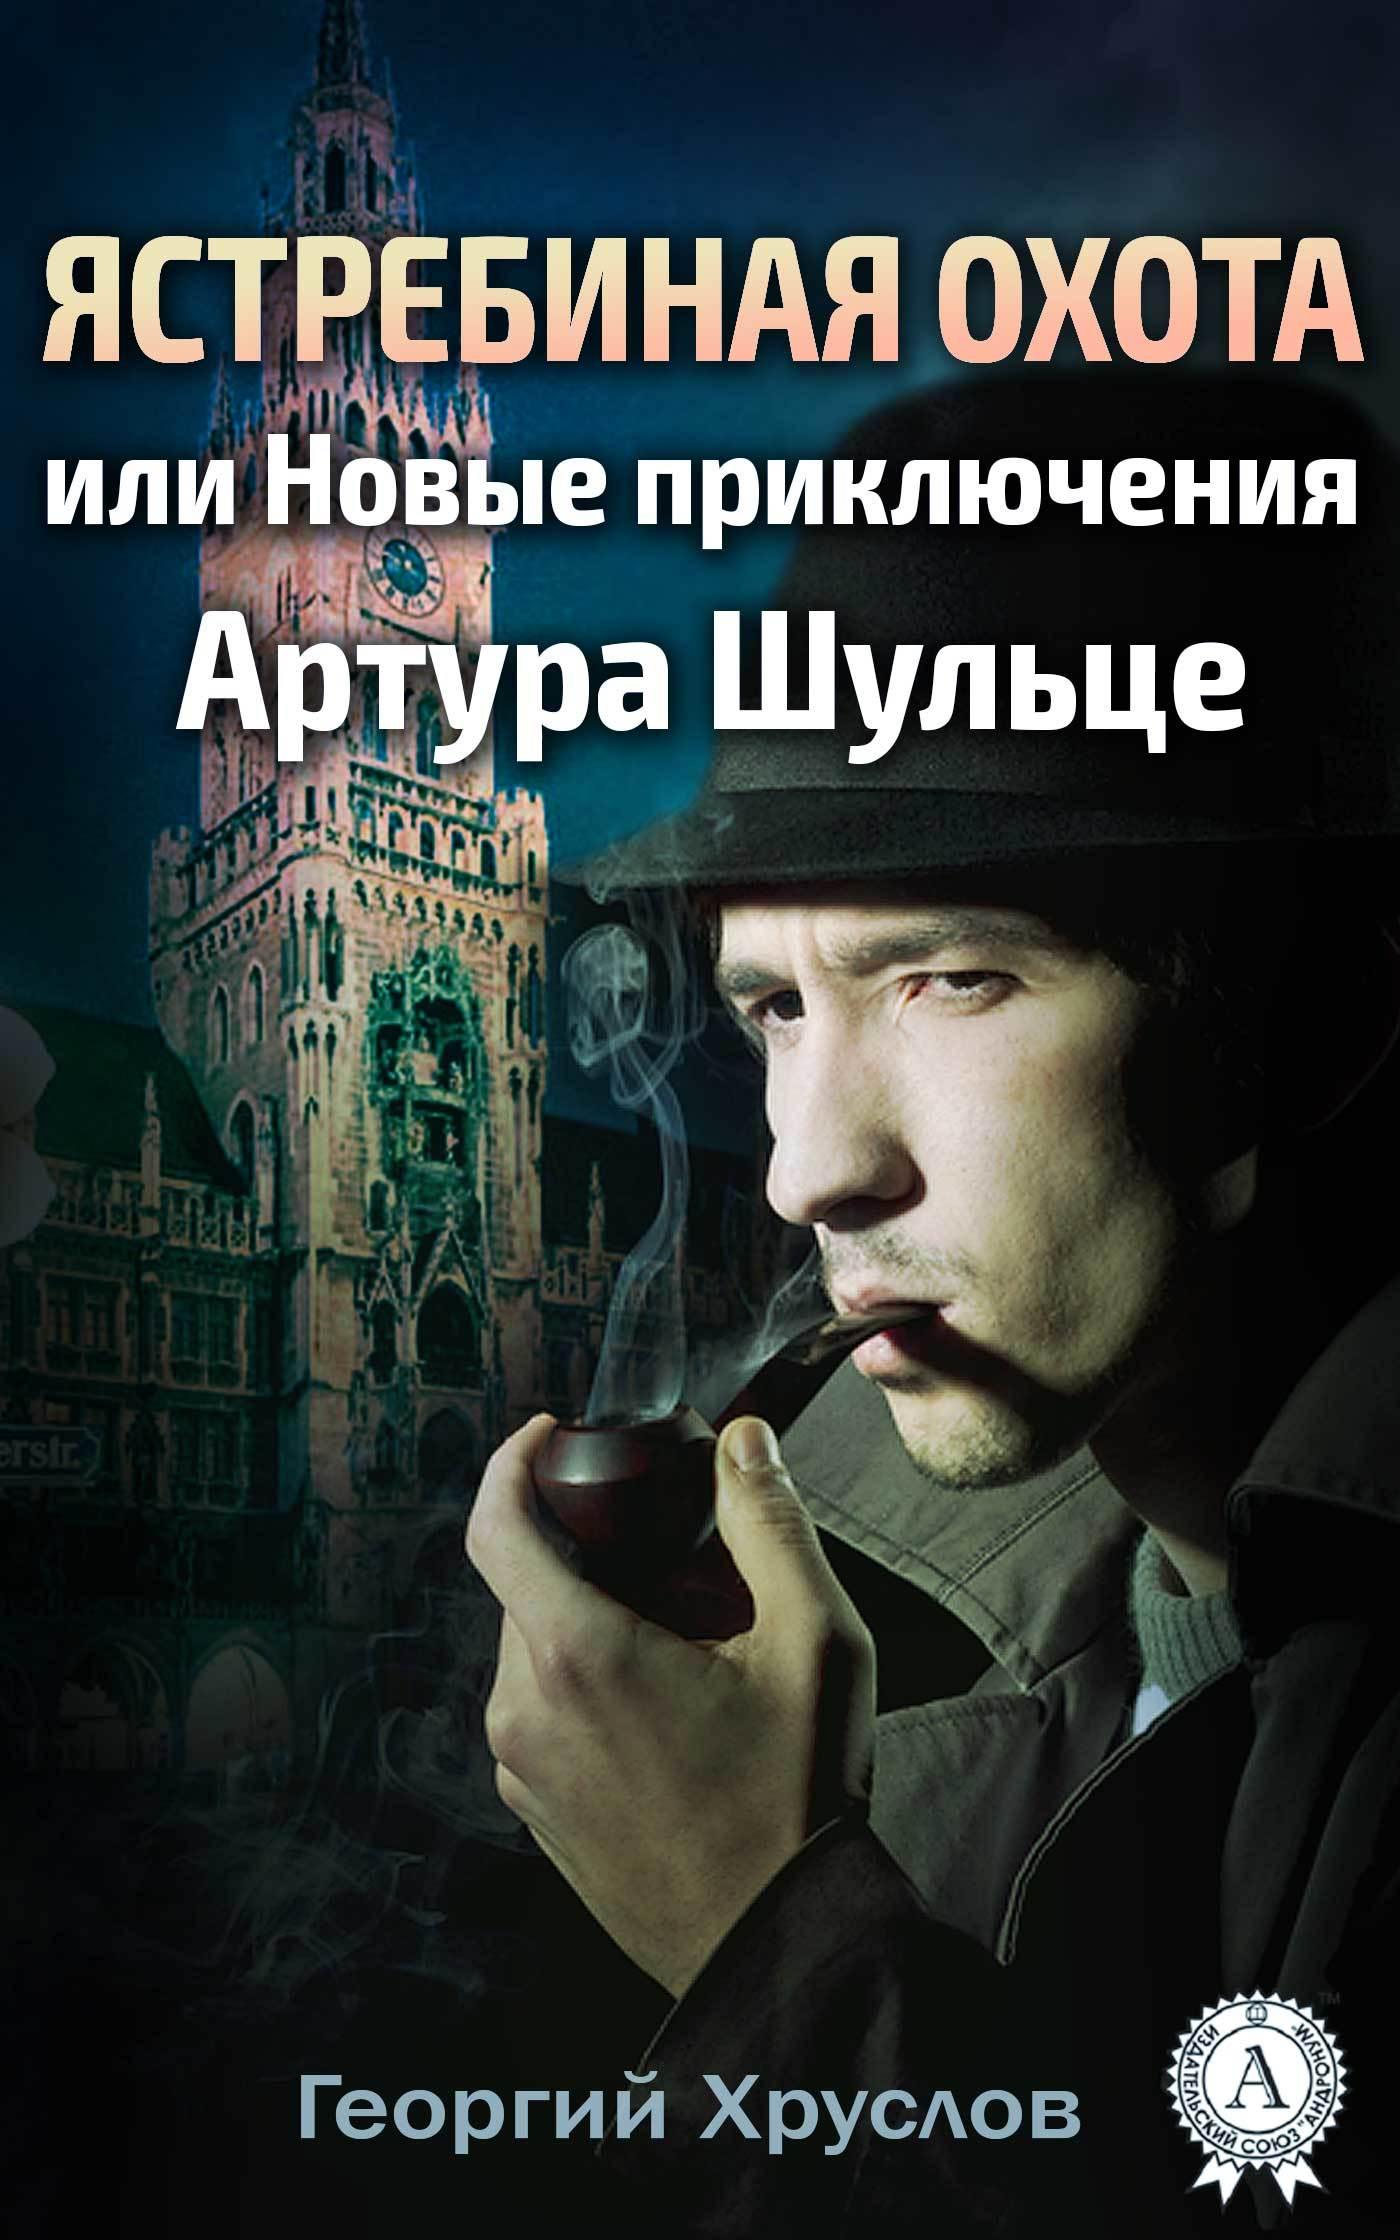 Георгий Хруслов